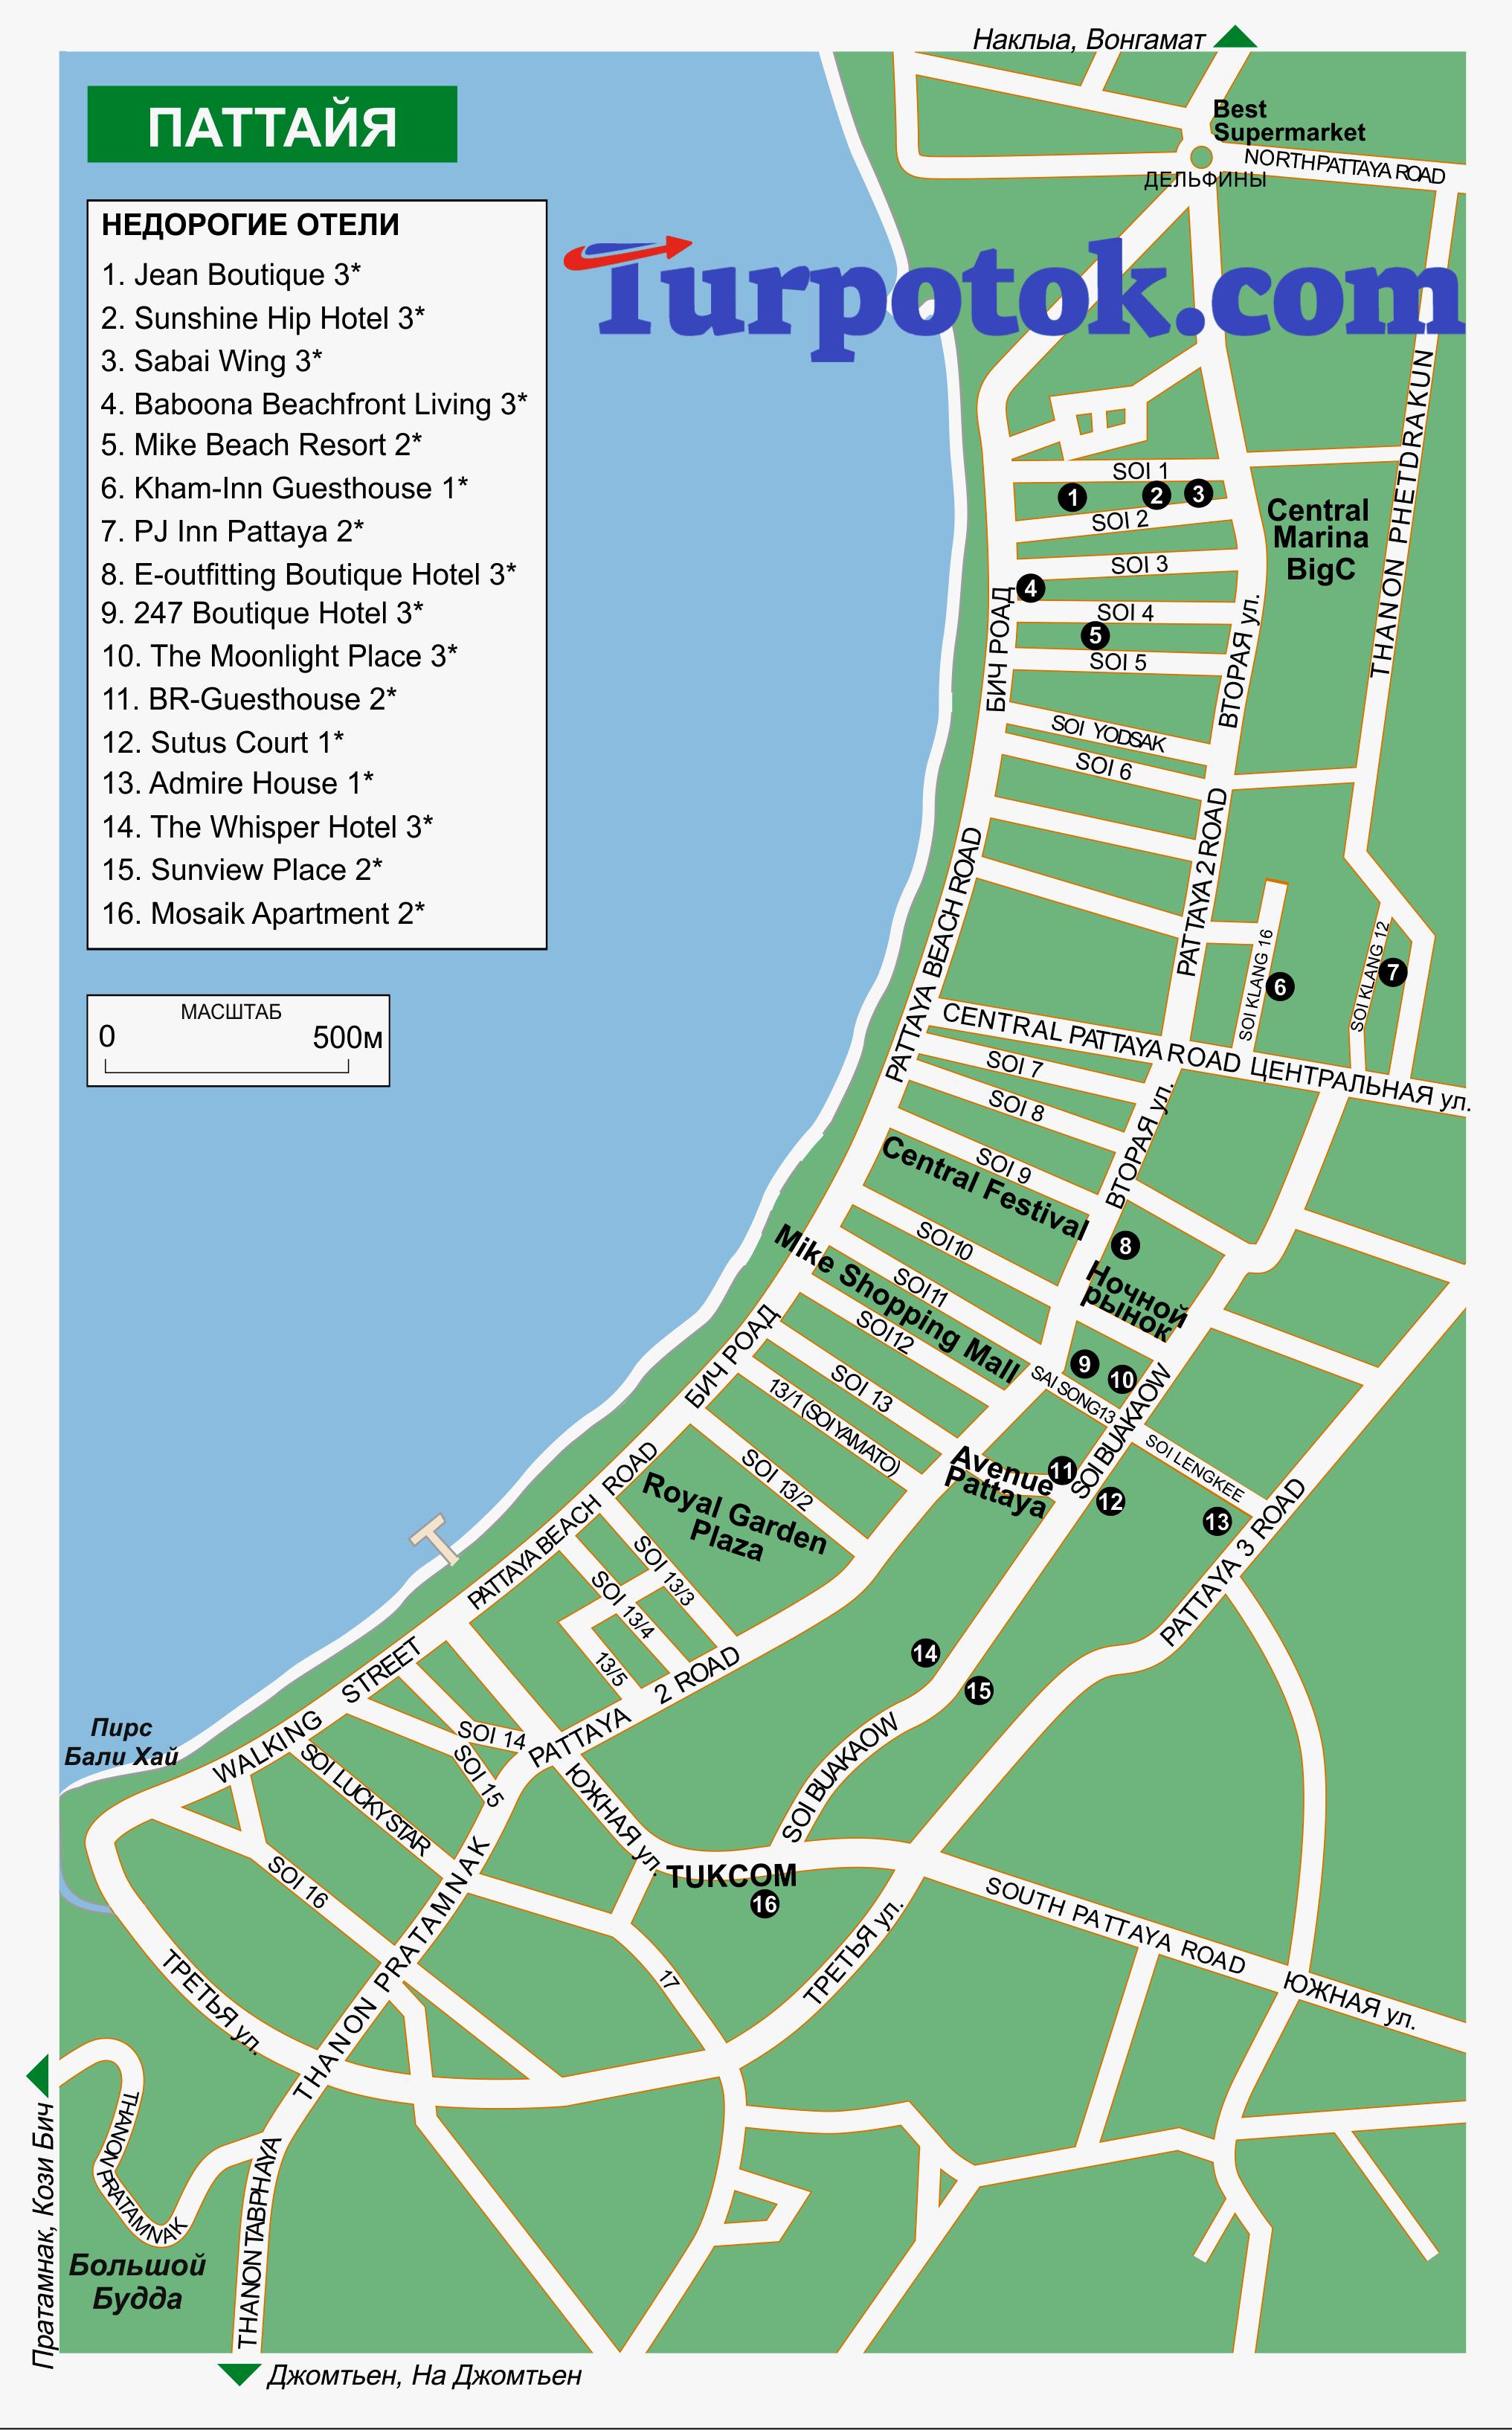 Карта центральной Паттайи с отелями на русском языке